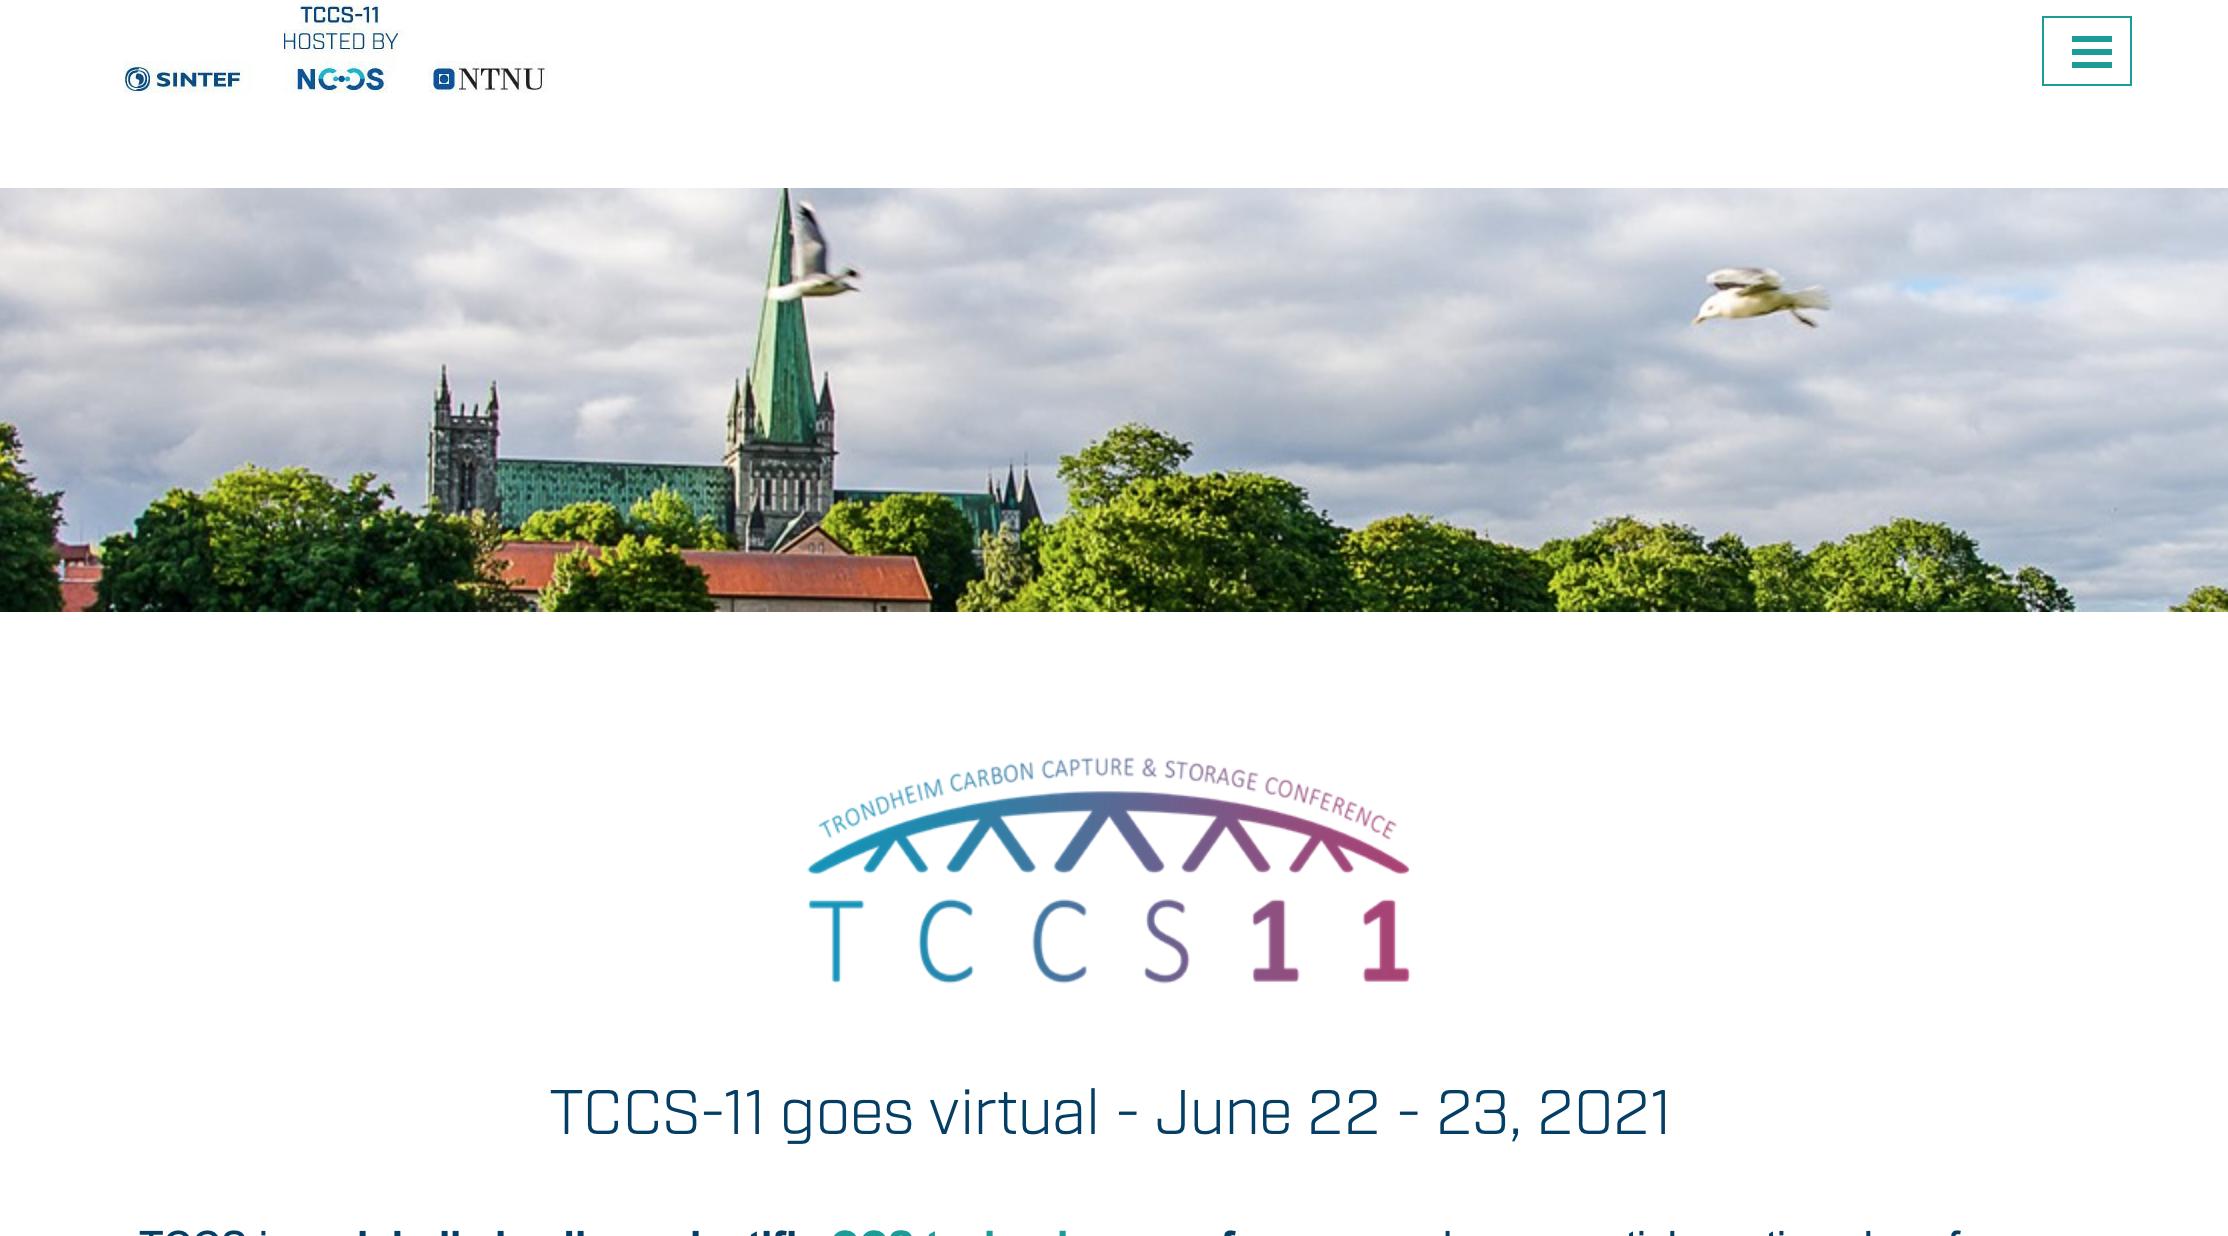 TCCS-11